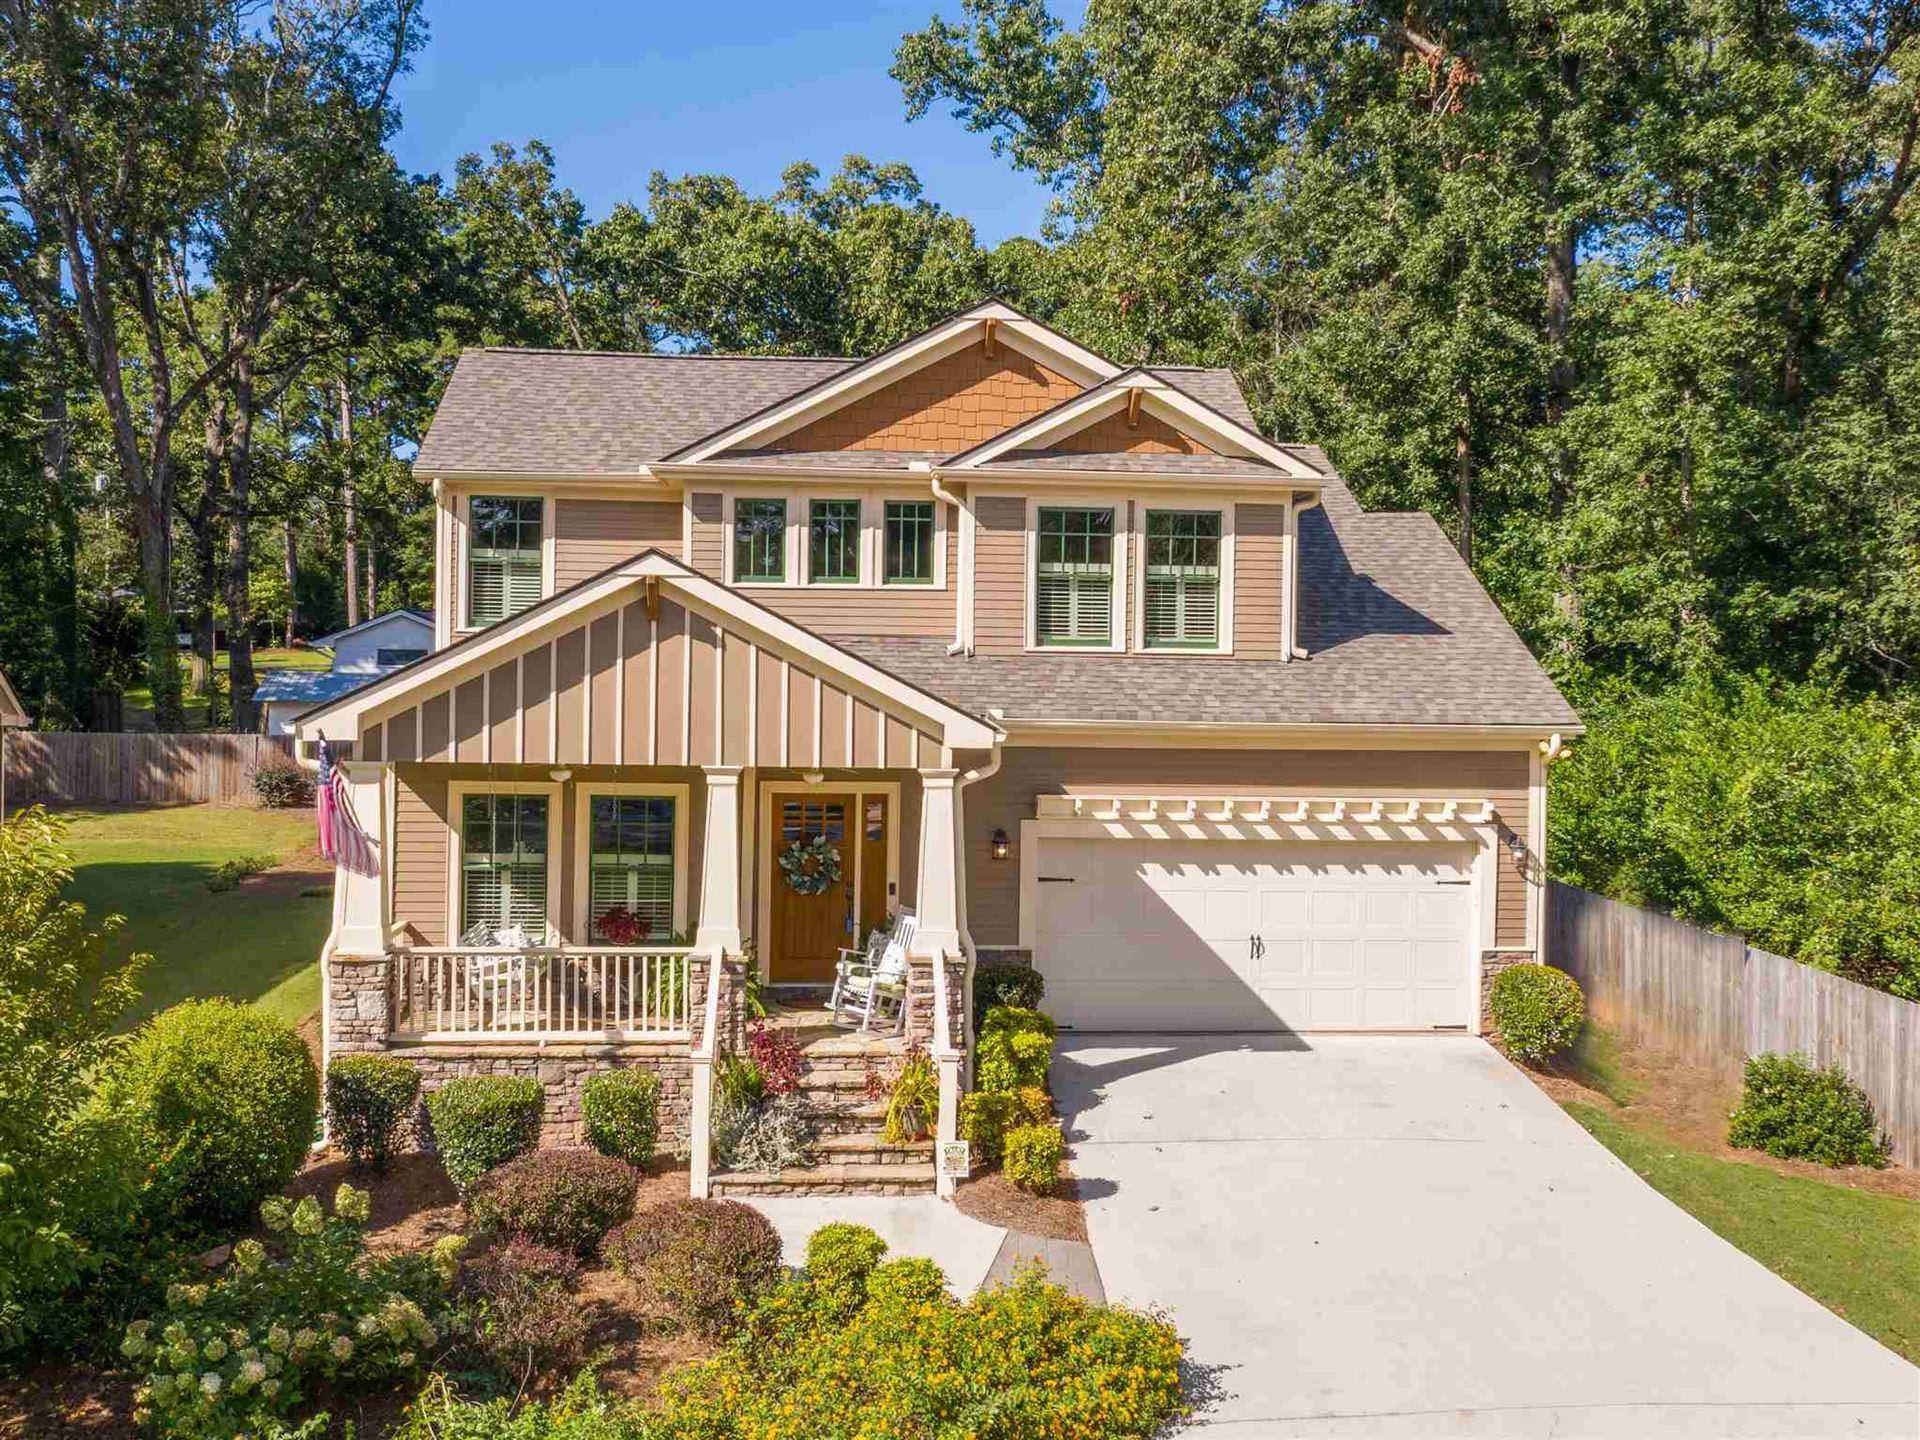 1032 Eastview Rd, Conyers, GA 30012 - MLS#: 8881866